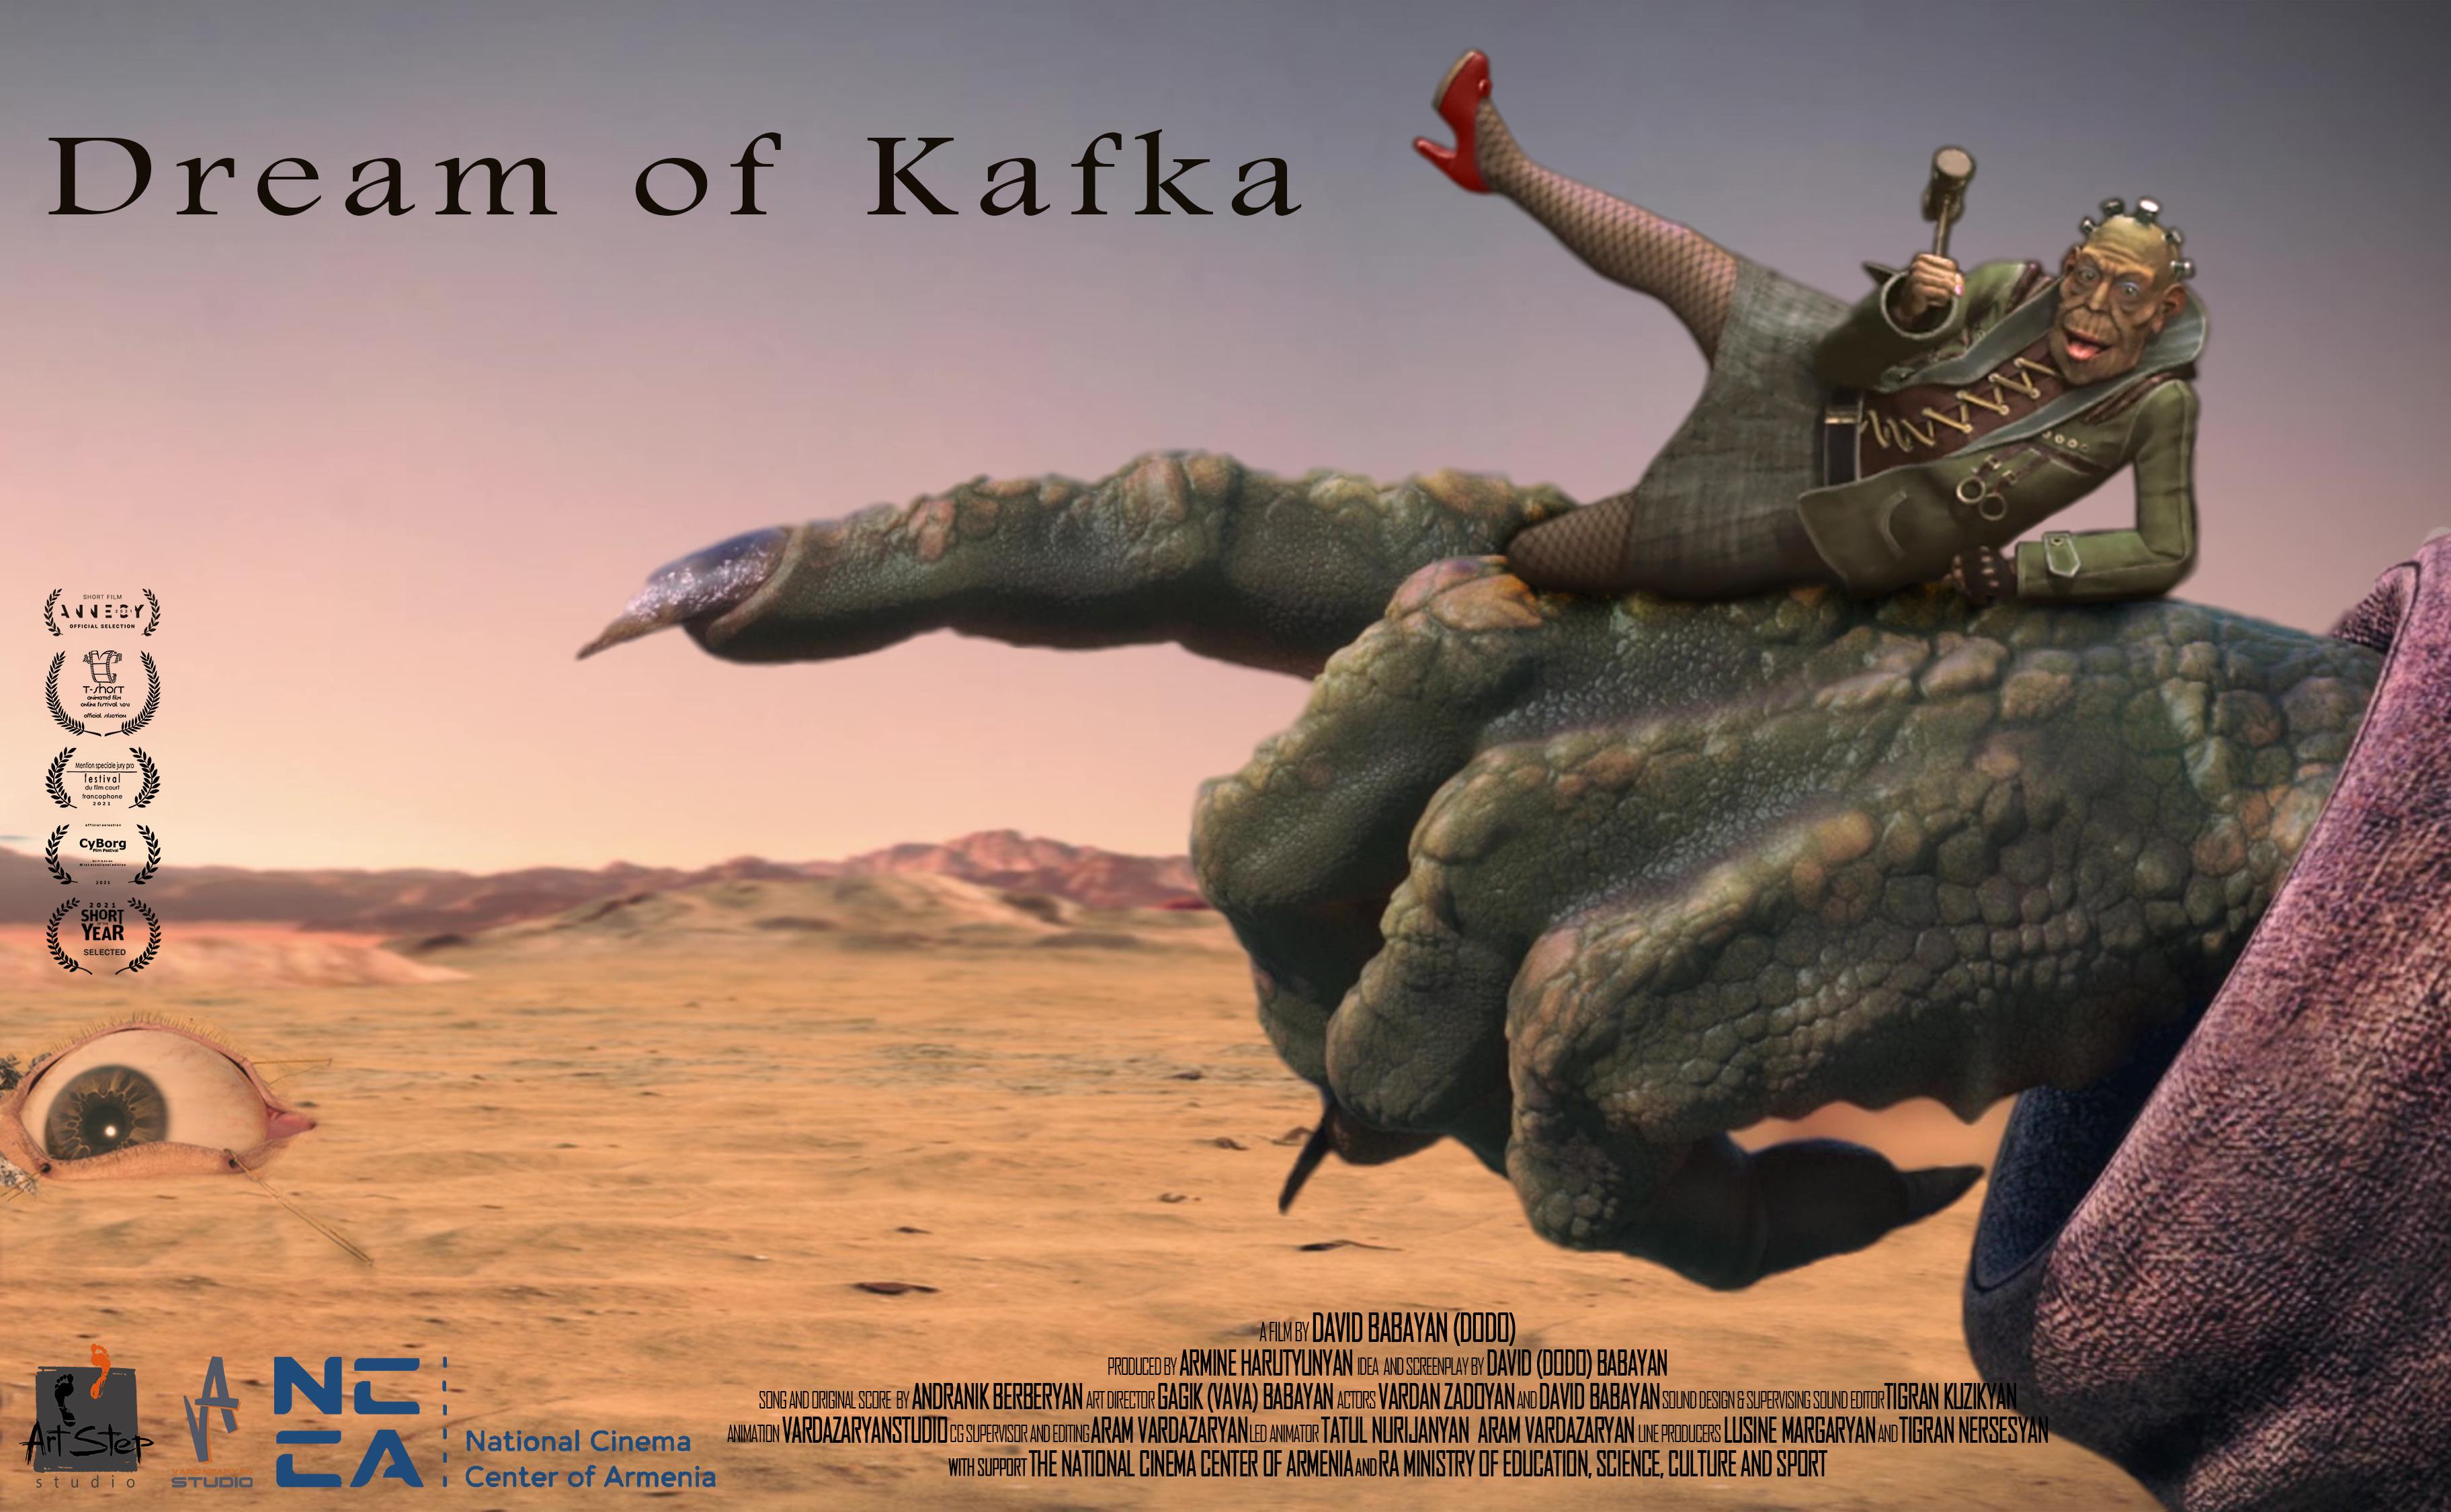 Photo of Հայկական «Կաֆկայի երազը» անիմացիոն ֆիլմն արդեն 2-րդ անգամ մասնակցում է «Օսկարի» որակավորում ունեցող կինոփառատոնի